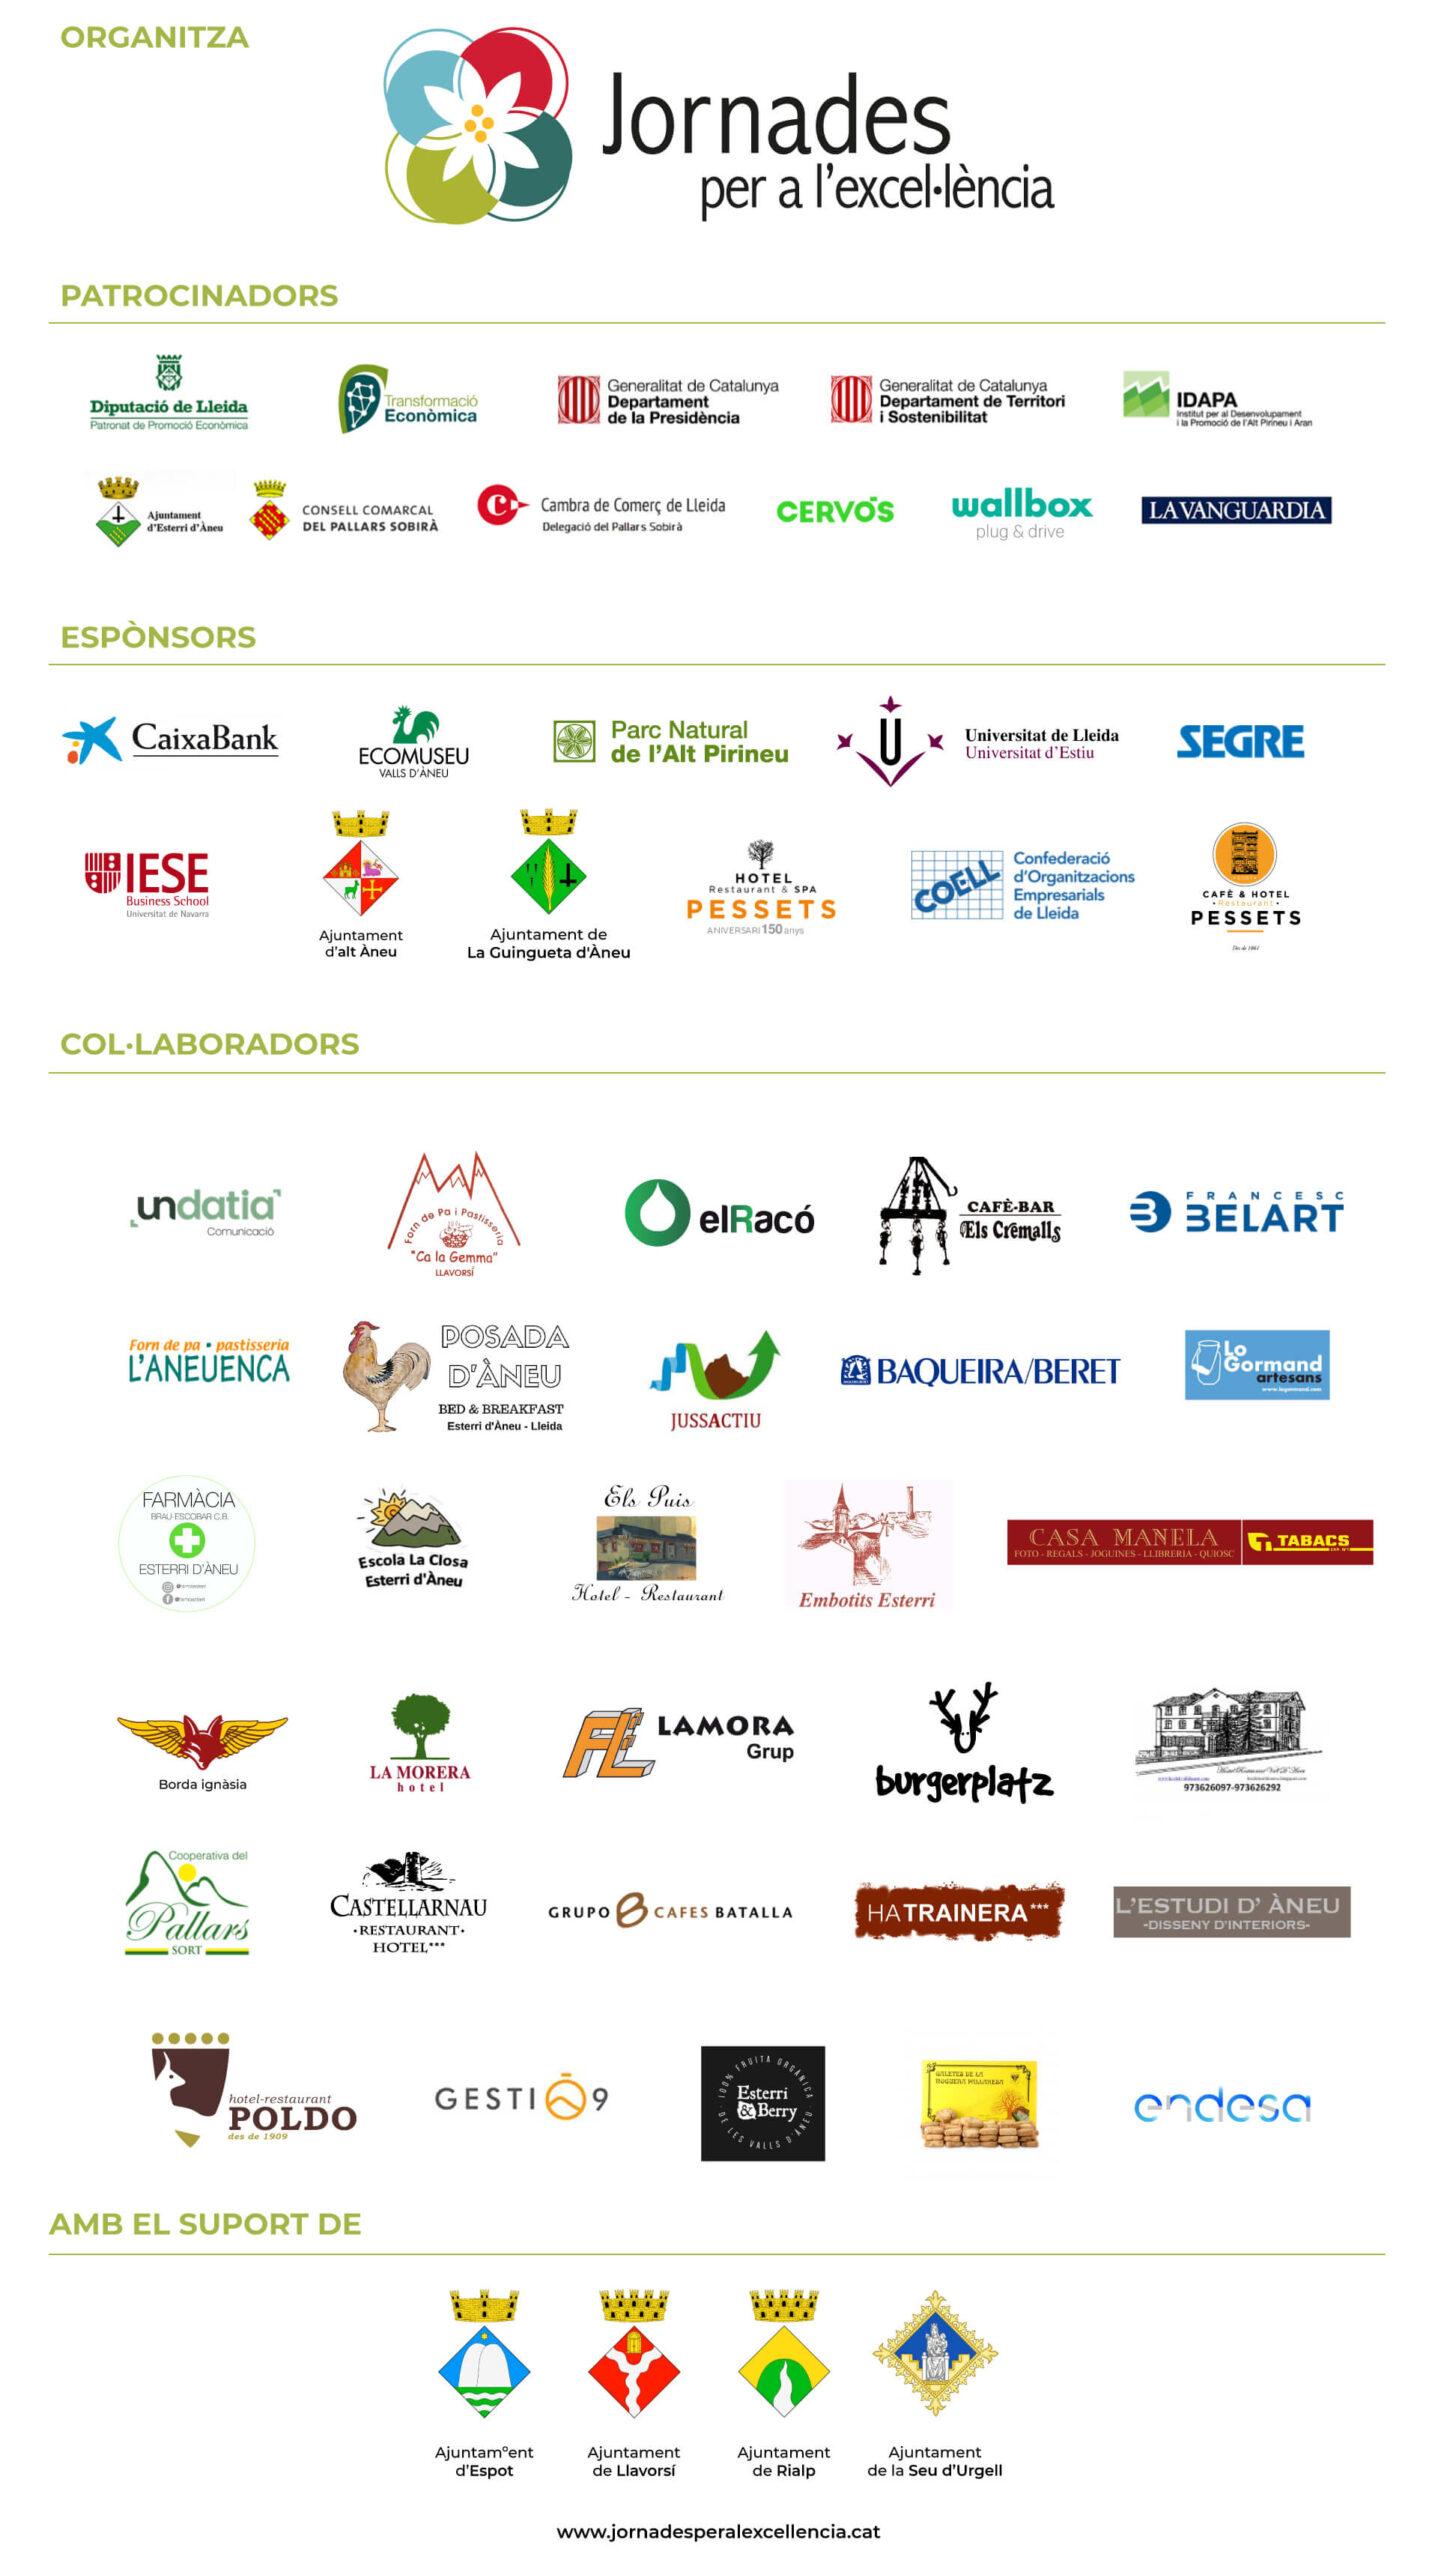 Gracias a todos nuestros patrocinadores, sponsors y colaboradores, Jornades per al'Excel·lència es posible: Generalitat de Catalunya, Diputació de Lleida...